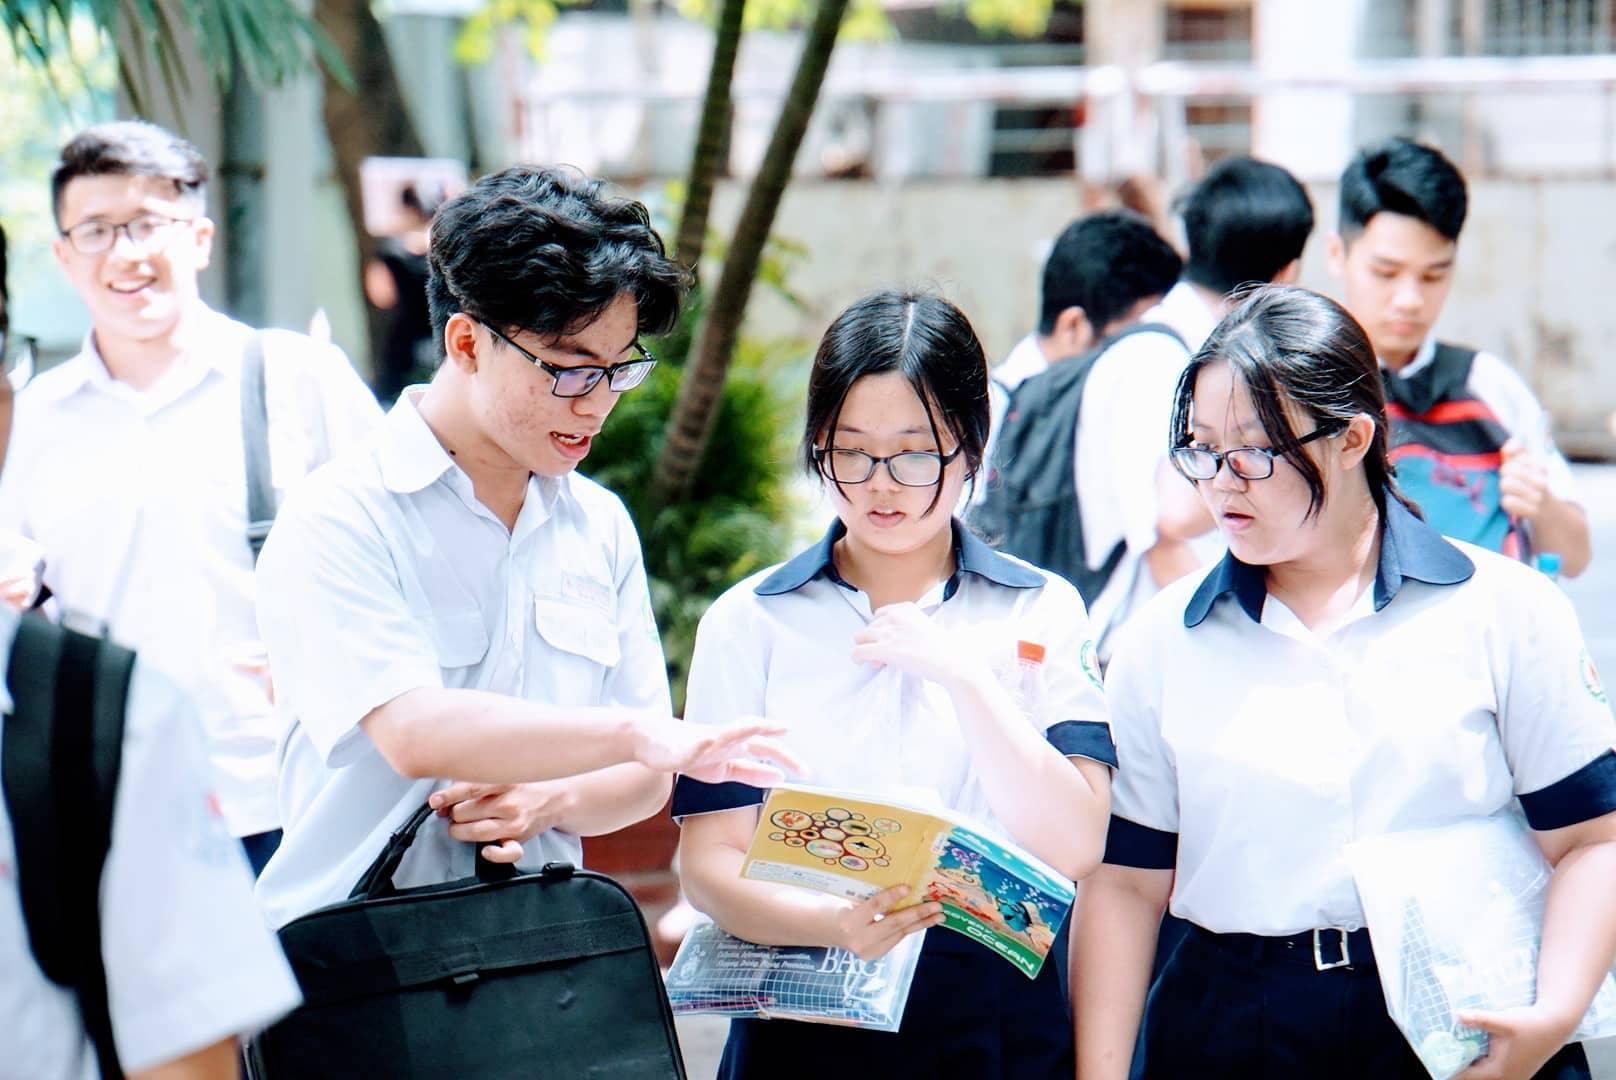 Xem xét dừng kỳ thi THPT quốc gia sau năm 2020